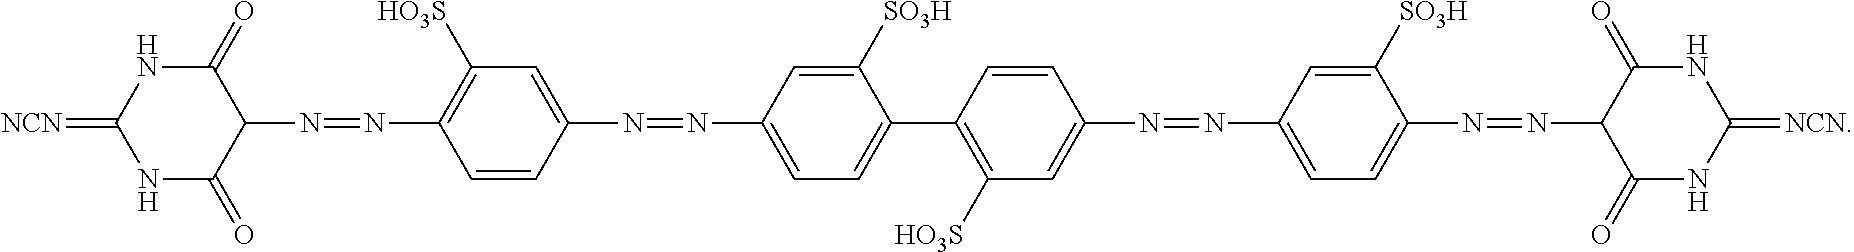 Figure US08734532-20140527-C00044